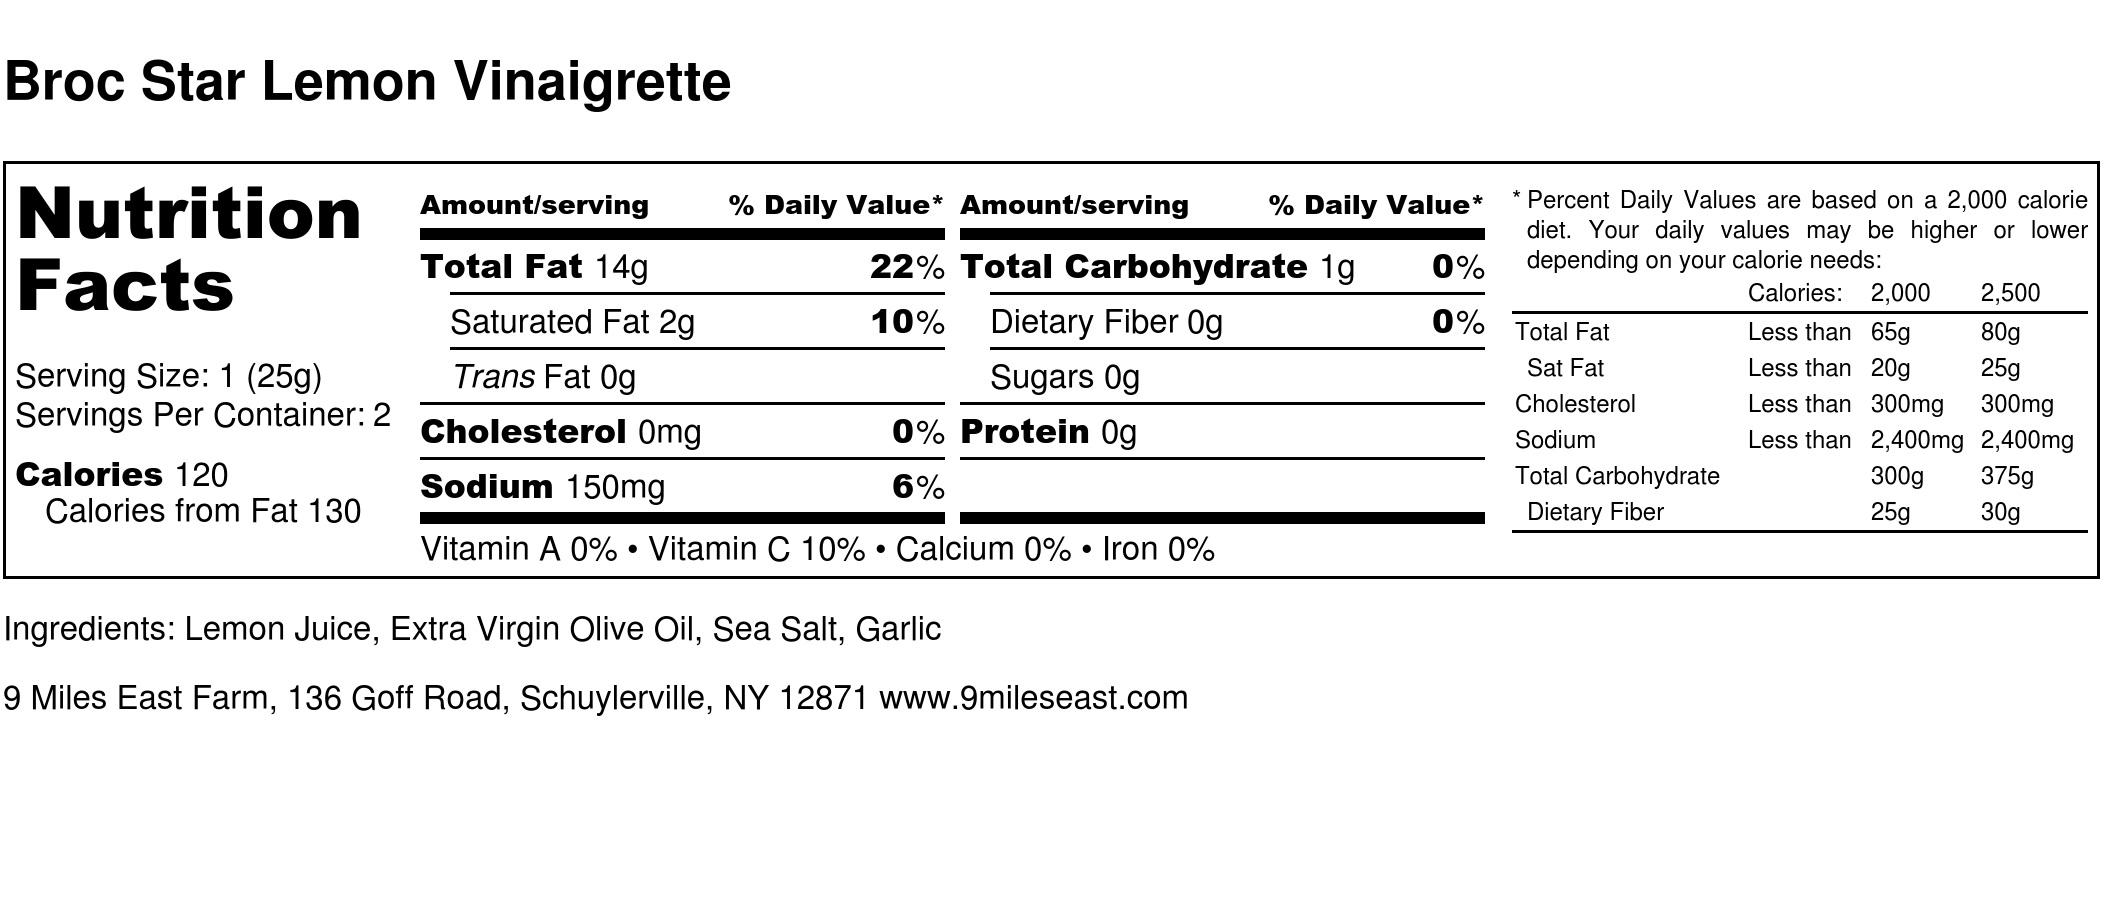 Broc Star Lemon Vinaigrette - Nutrition Label.jpg